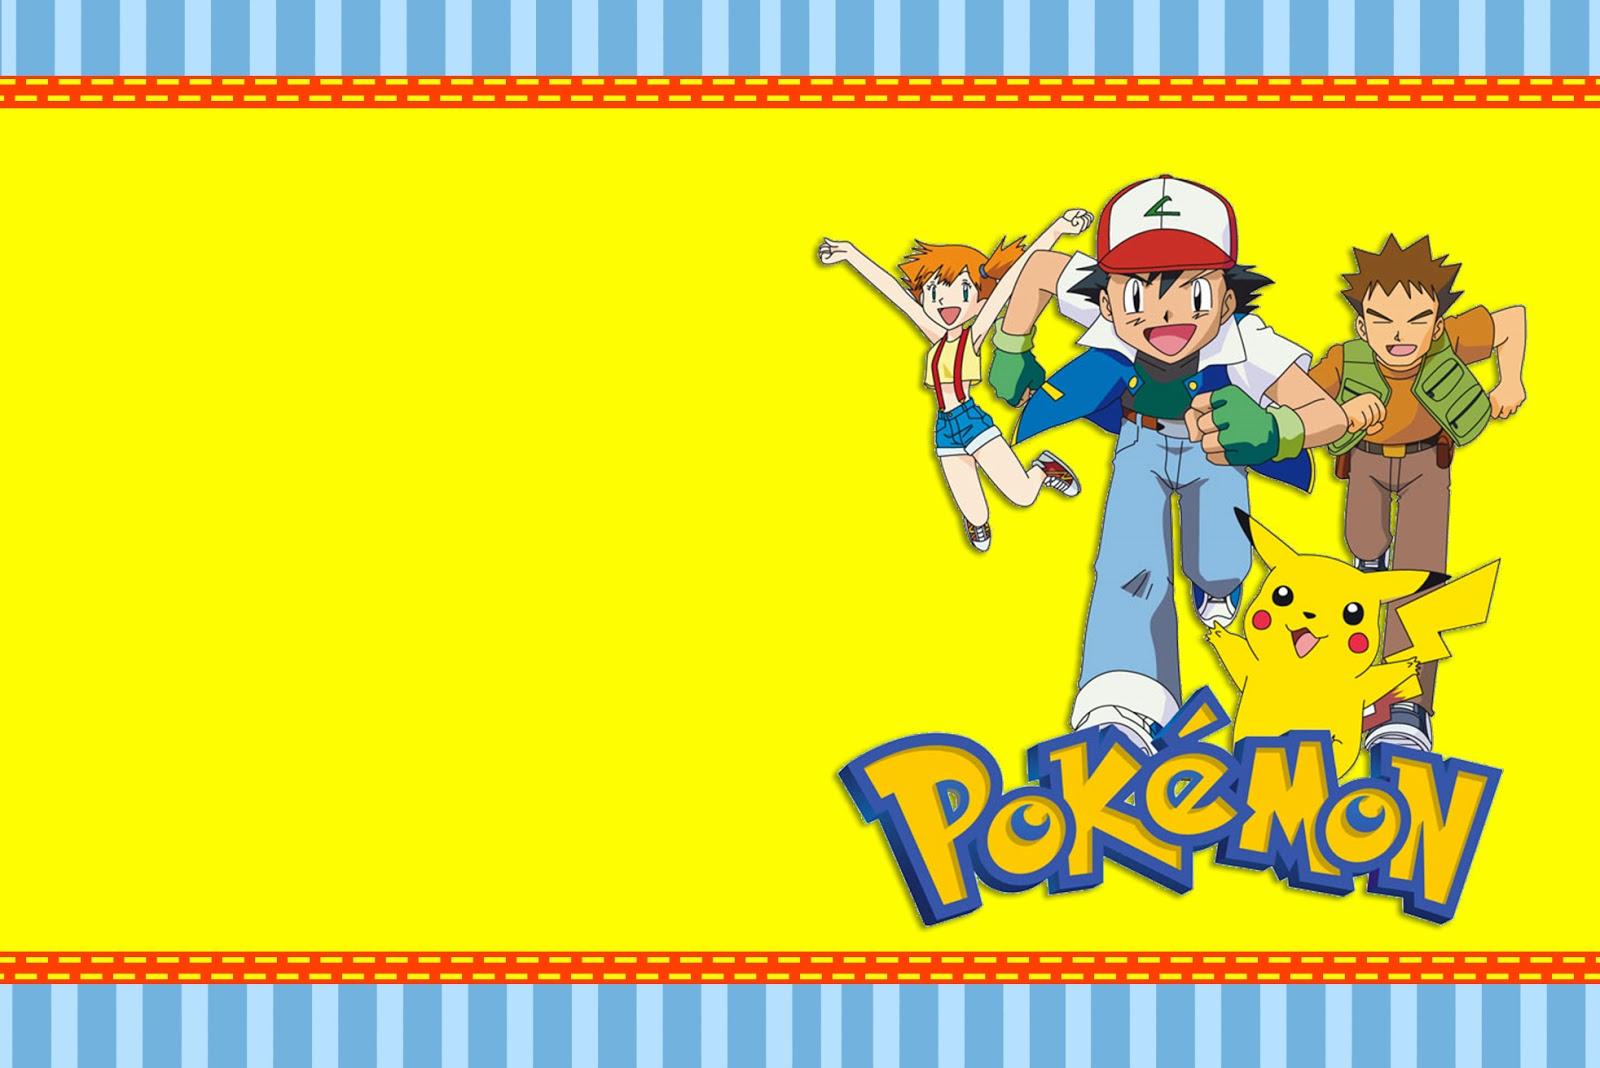 http://fazendoanossafesta.com.br/2013/10/pokemon-kit-completo-com-molduras-para-convites-rotulos-para-guloseimas-lembrancinhas-e-imagens.html/